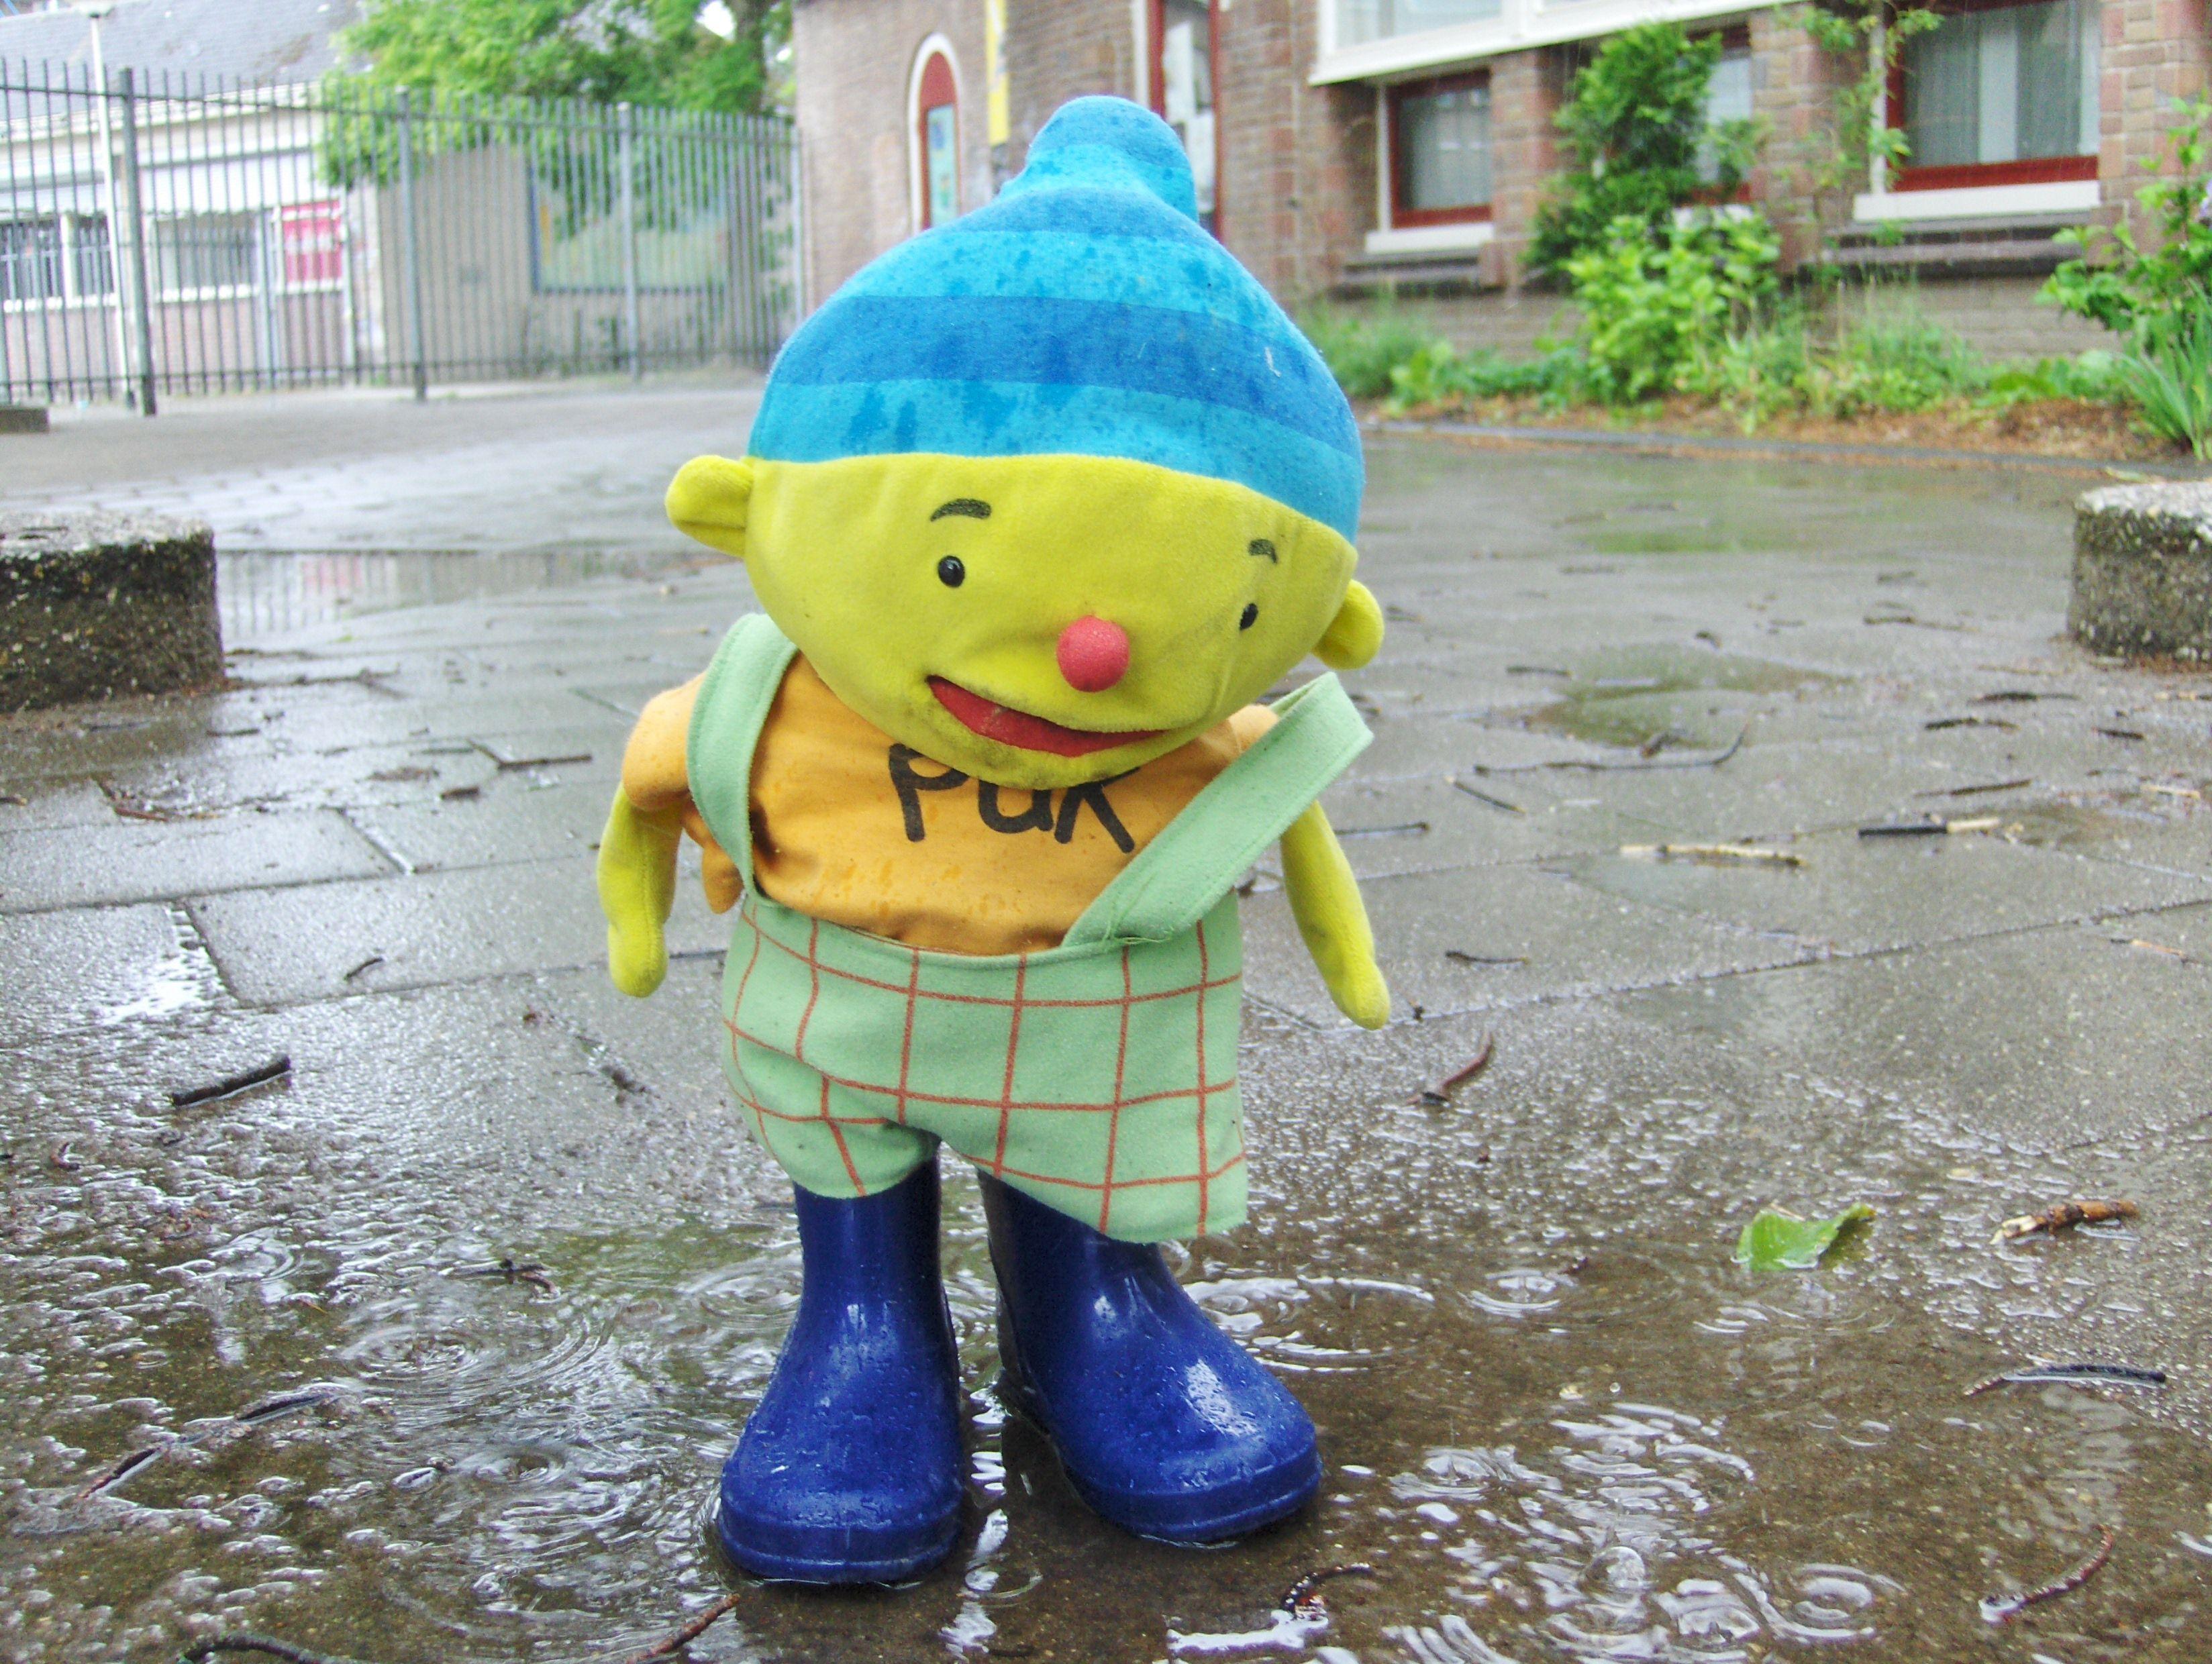 waar is mijn paraplu? | Regen knutselen, Thema, Regen